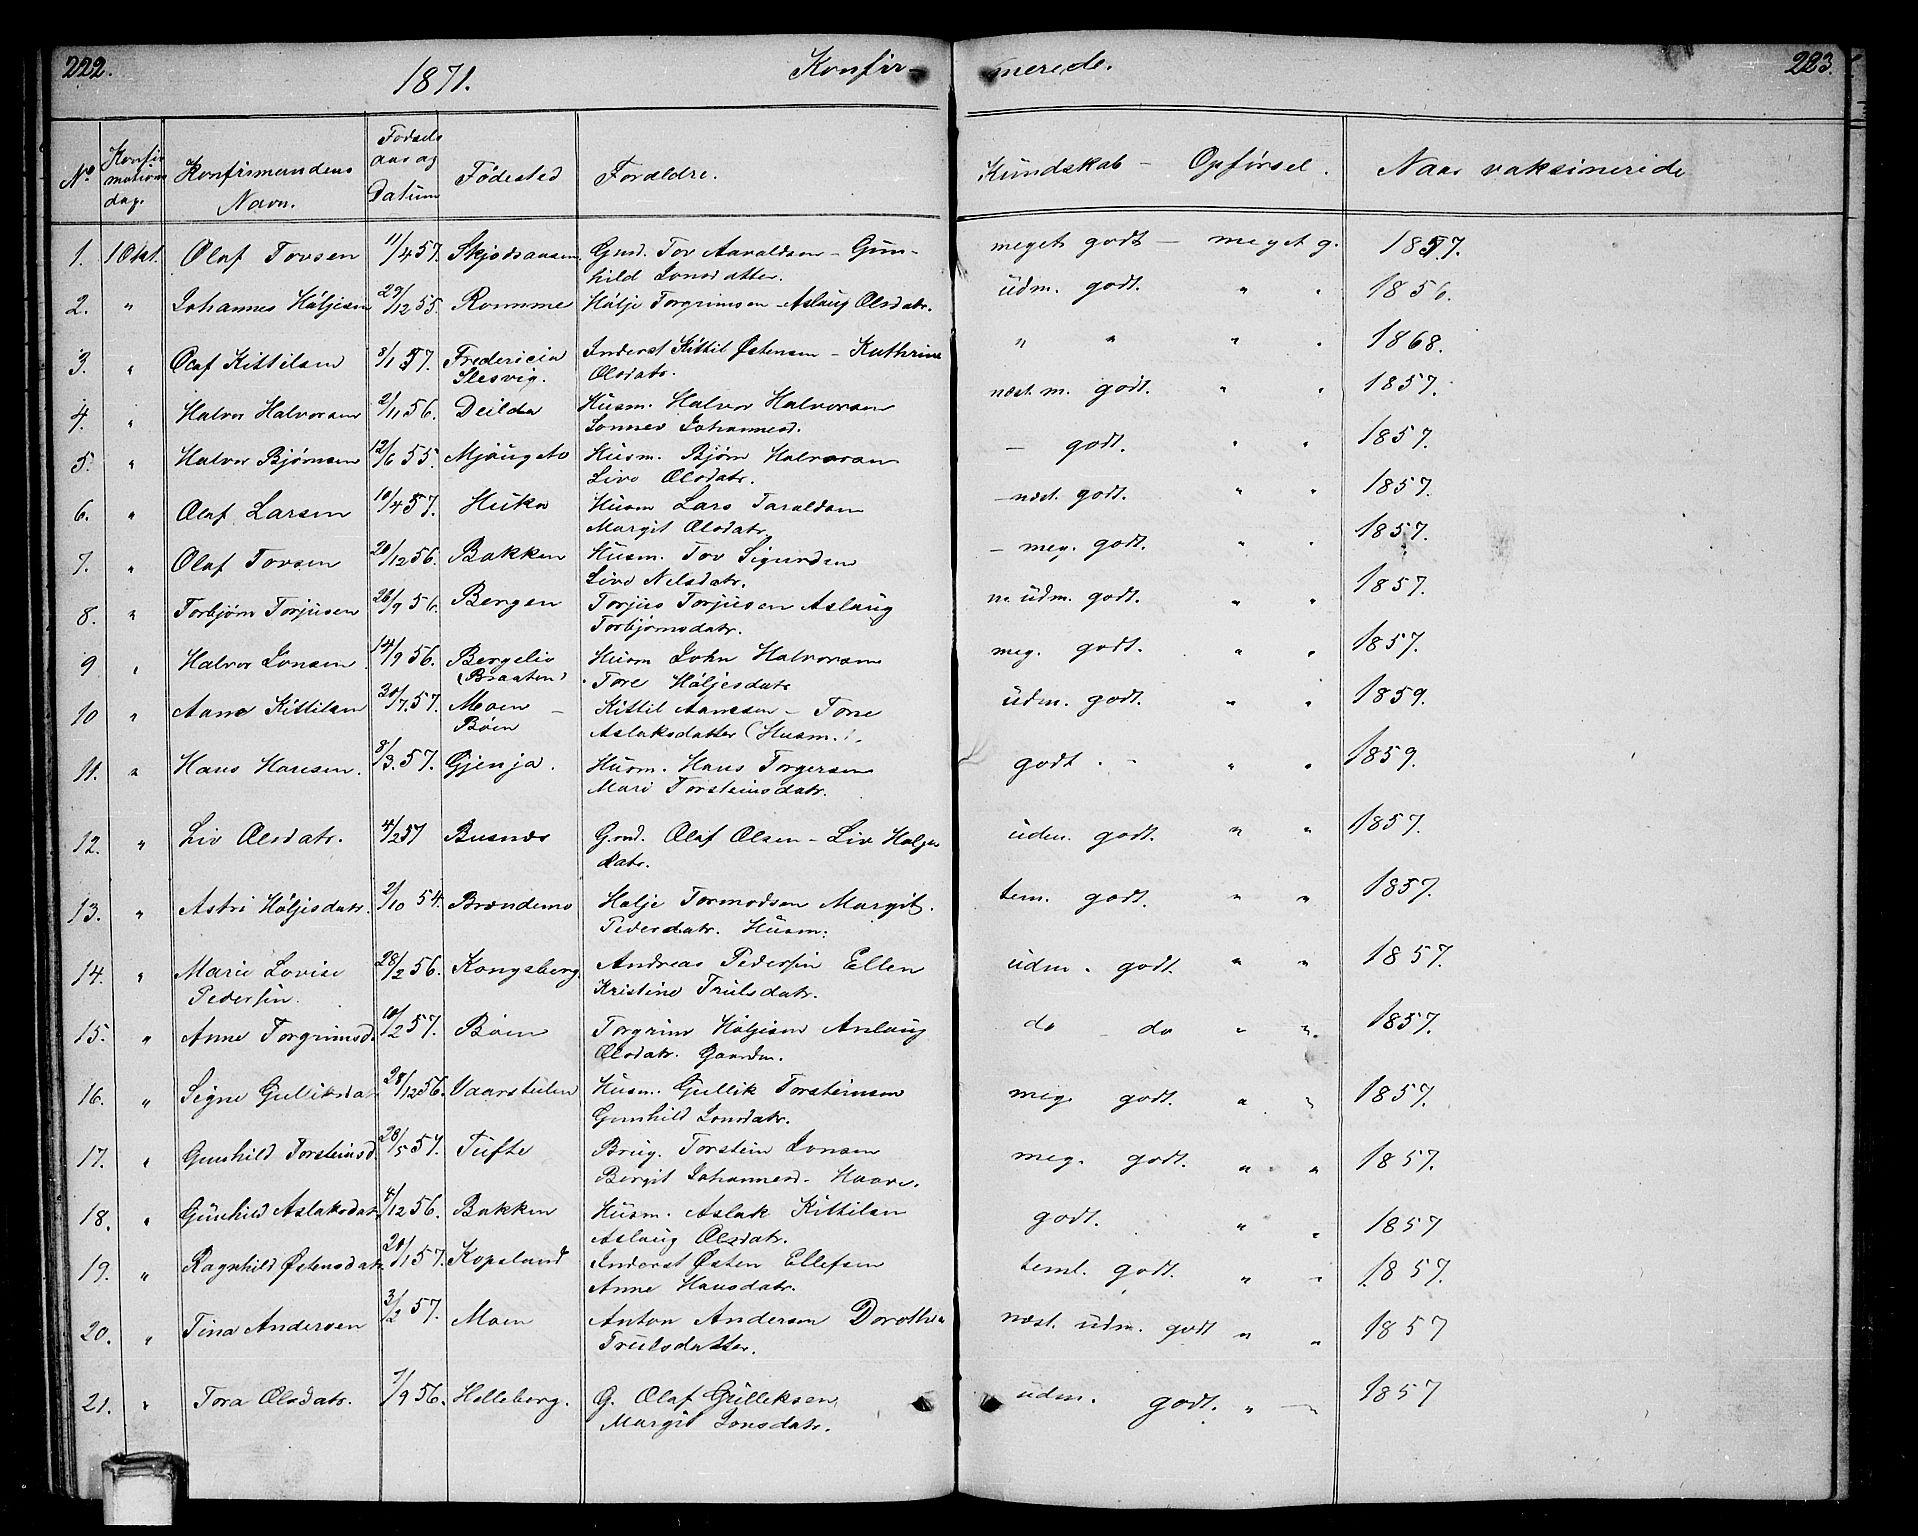 SAKO, Gransherad kirkebøker, G/Ga/L0002: Klokkerbok nr. I 2, 1854-1886, s. 222-223